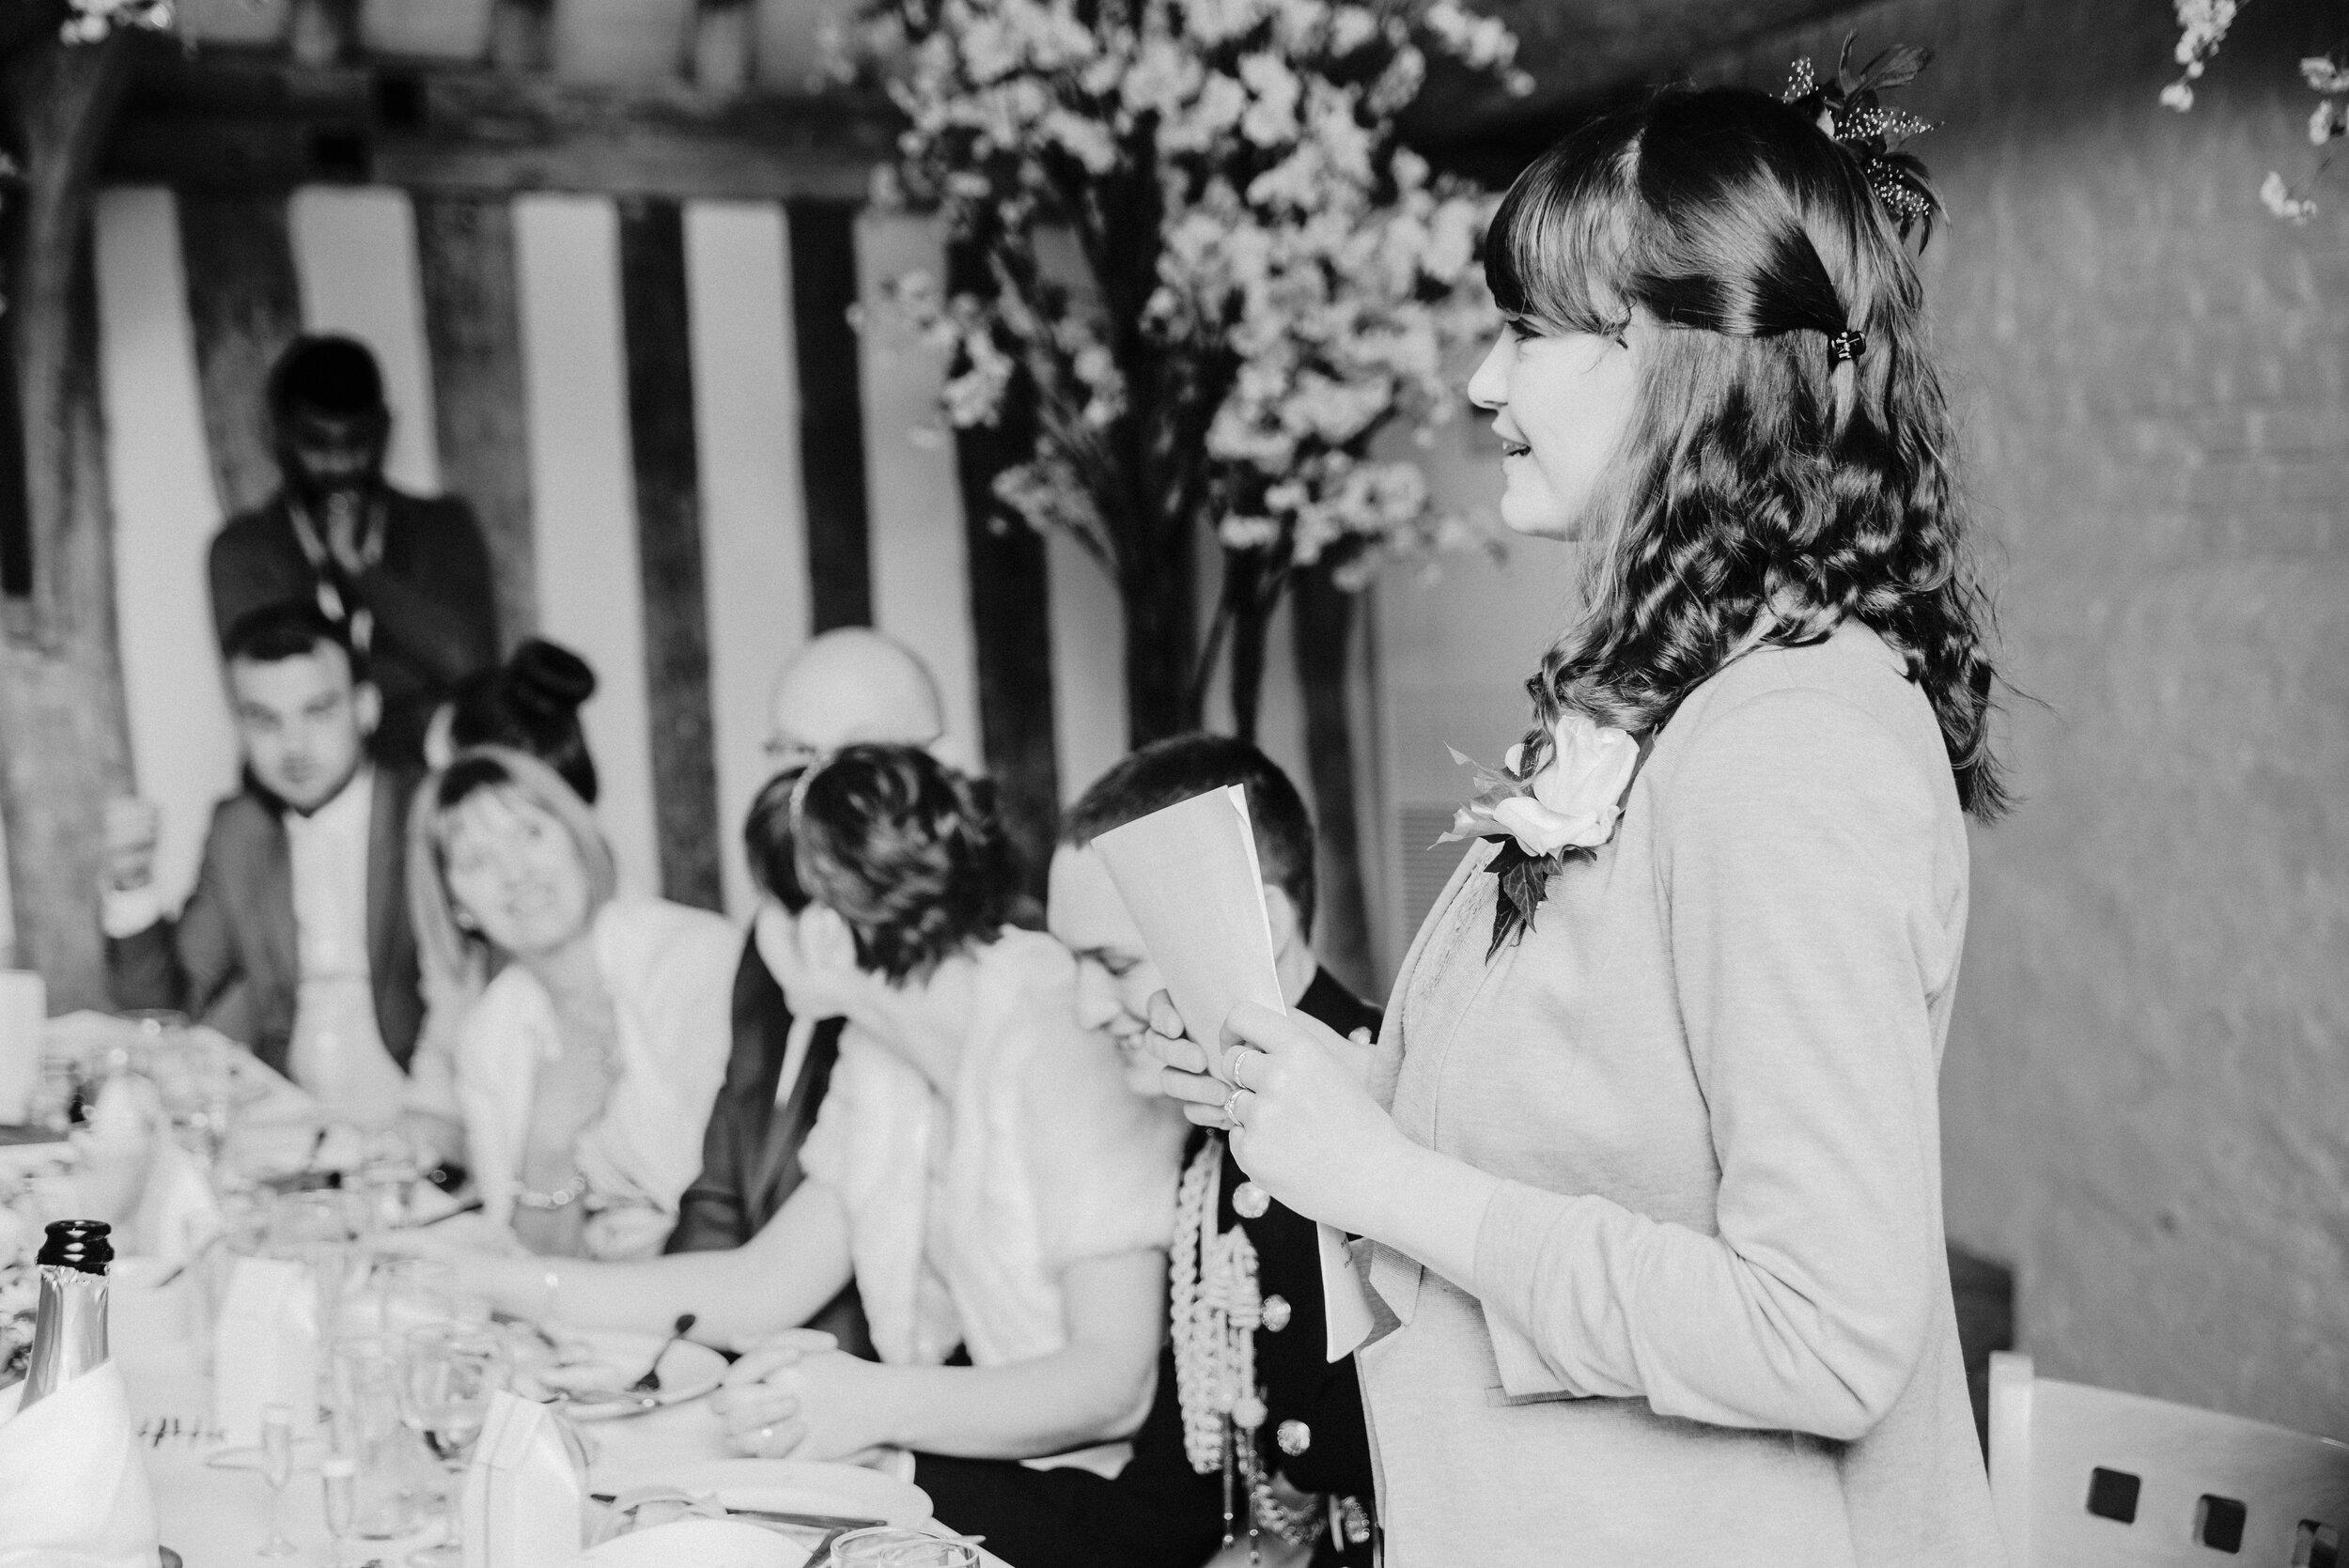 SUFFOLK_WEDDING_PHOTOGRAPHY_ISAACS_WEDDING_VENUE_WEDDINGPHOTOGRAPHERNEARME_iPSWICHWEDDINGPHOTOGRAPHER (71).jpg